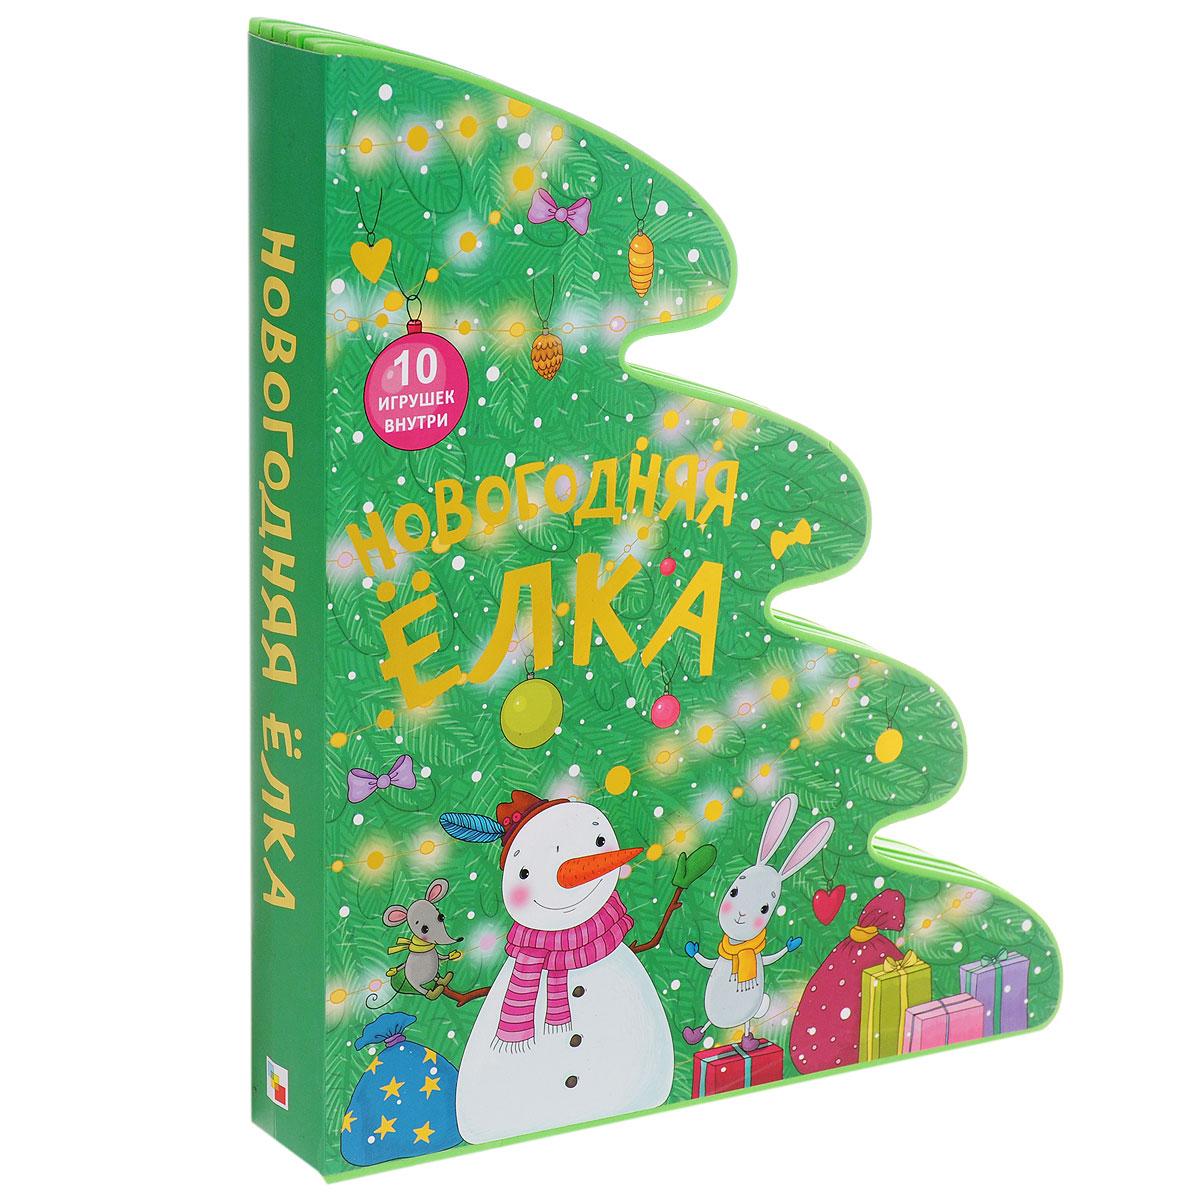 Новогодняя ёлка12296407Чудесная книга в форме елки станет отличным новогодним подарком для вашего малыша. Веселые стихи расскажут ему о том, как лесные зверята готовились к встрече Нового года и наряжали елку. В книге ребенок найдет 10 фигурок забавных героев, которые вынимаются из мягких страничек. С ними можно поиграть, или, проделав небольшие отверстия, повесить с помощью нитей на елке в качестве новогодних игрушек. Книжка Новогодняя елка изготовлена из пены EVA - она не рвется, не ломается и абсолютно безопасна для ребенка. Книжка с вырубкой.